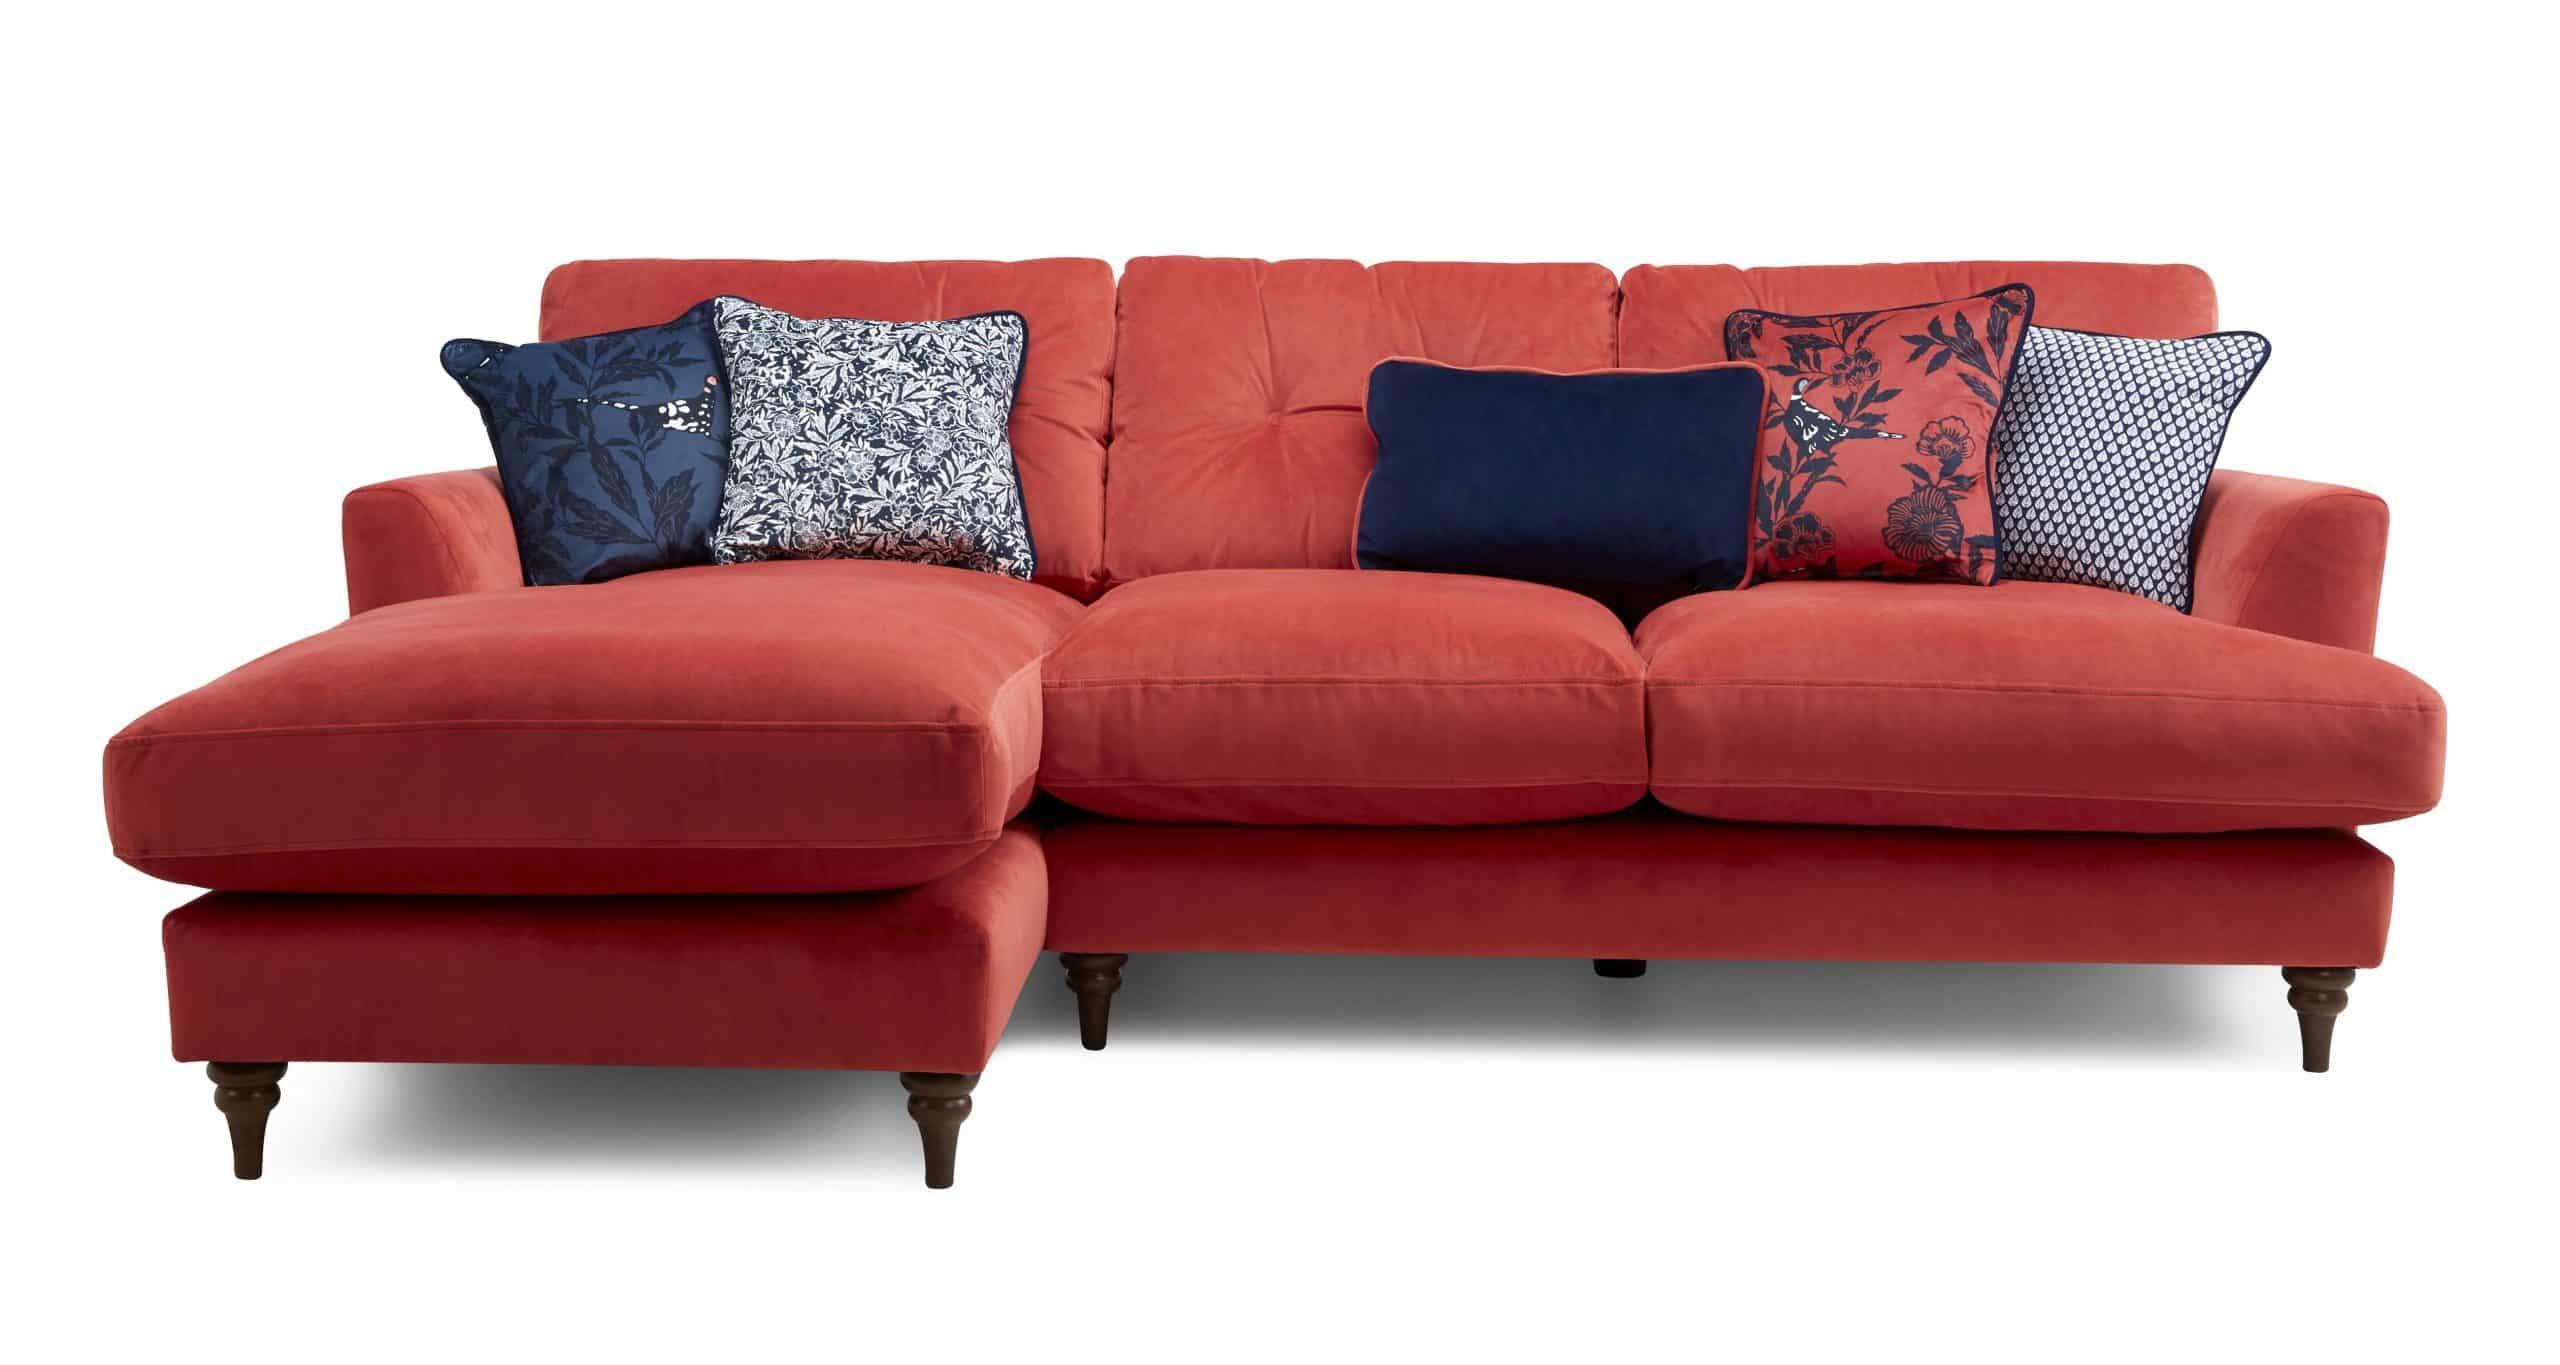 Dịch vụ giặt sofa tại nhà quận 12